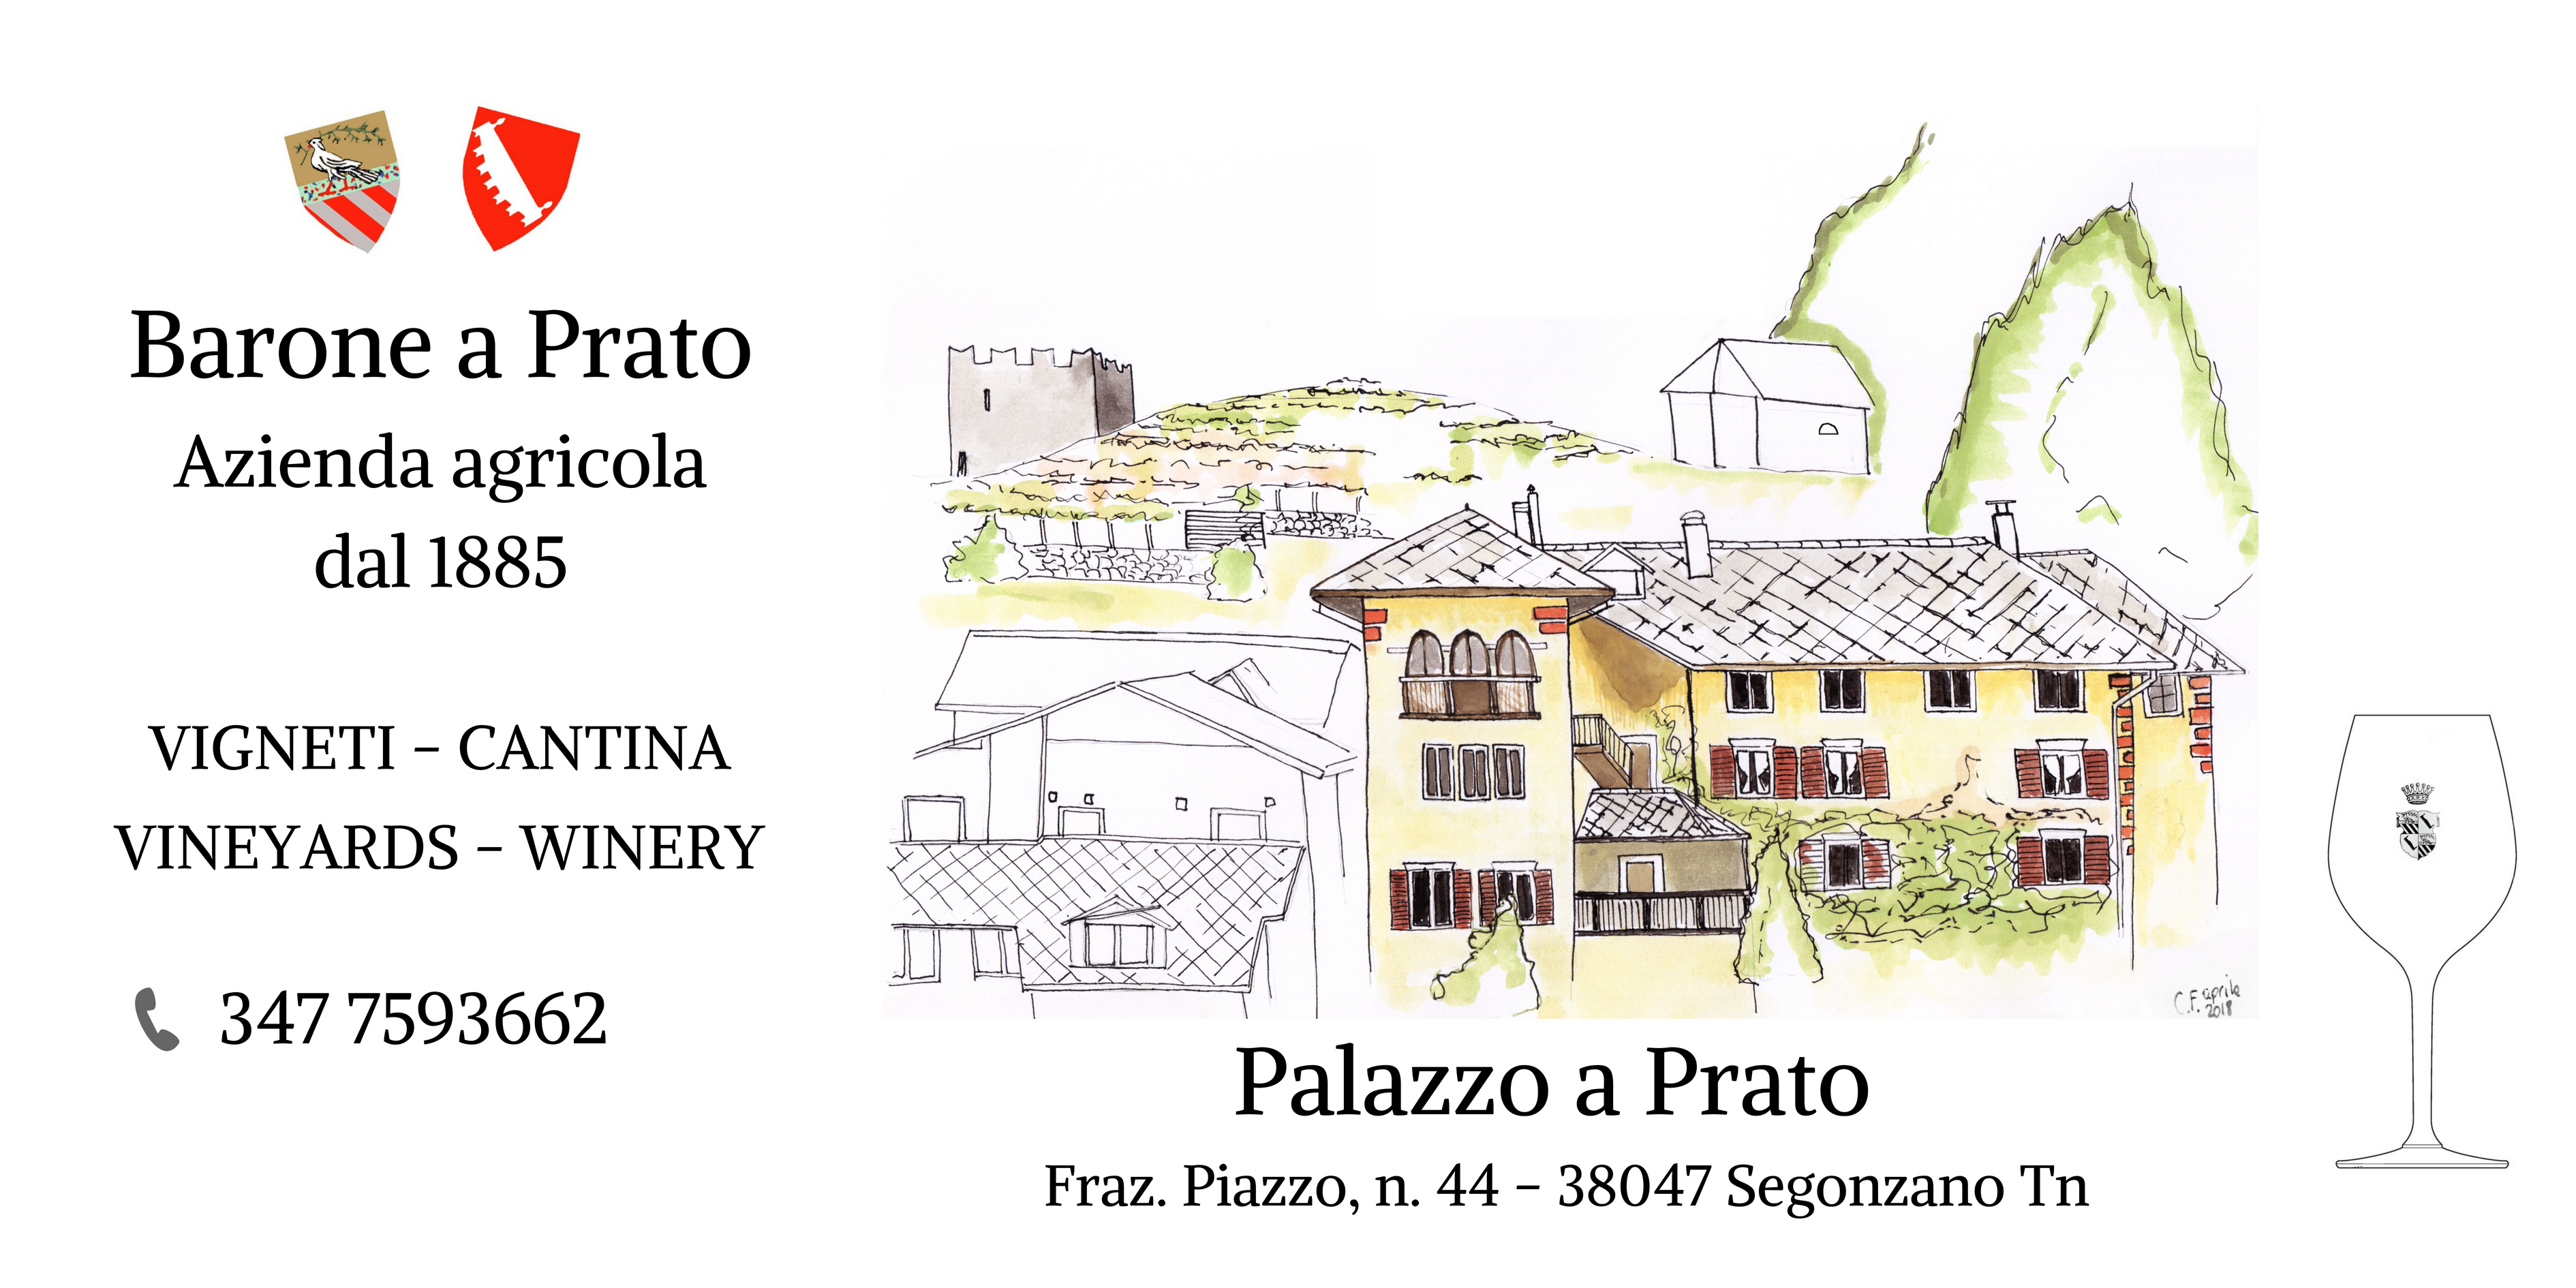 insegna cantina Barone a Prato